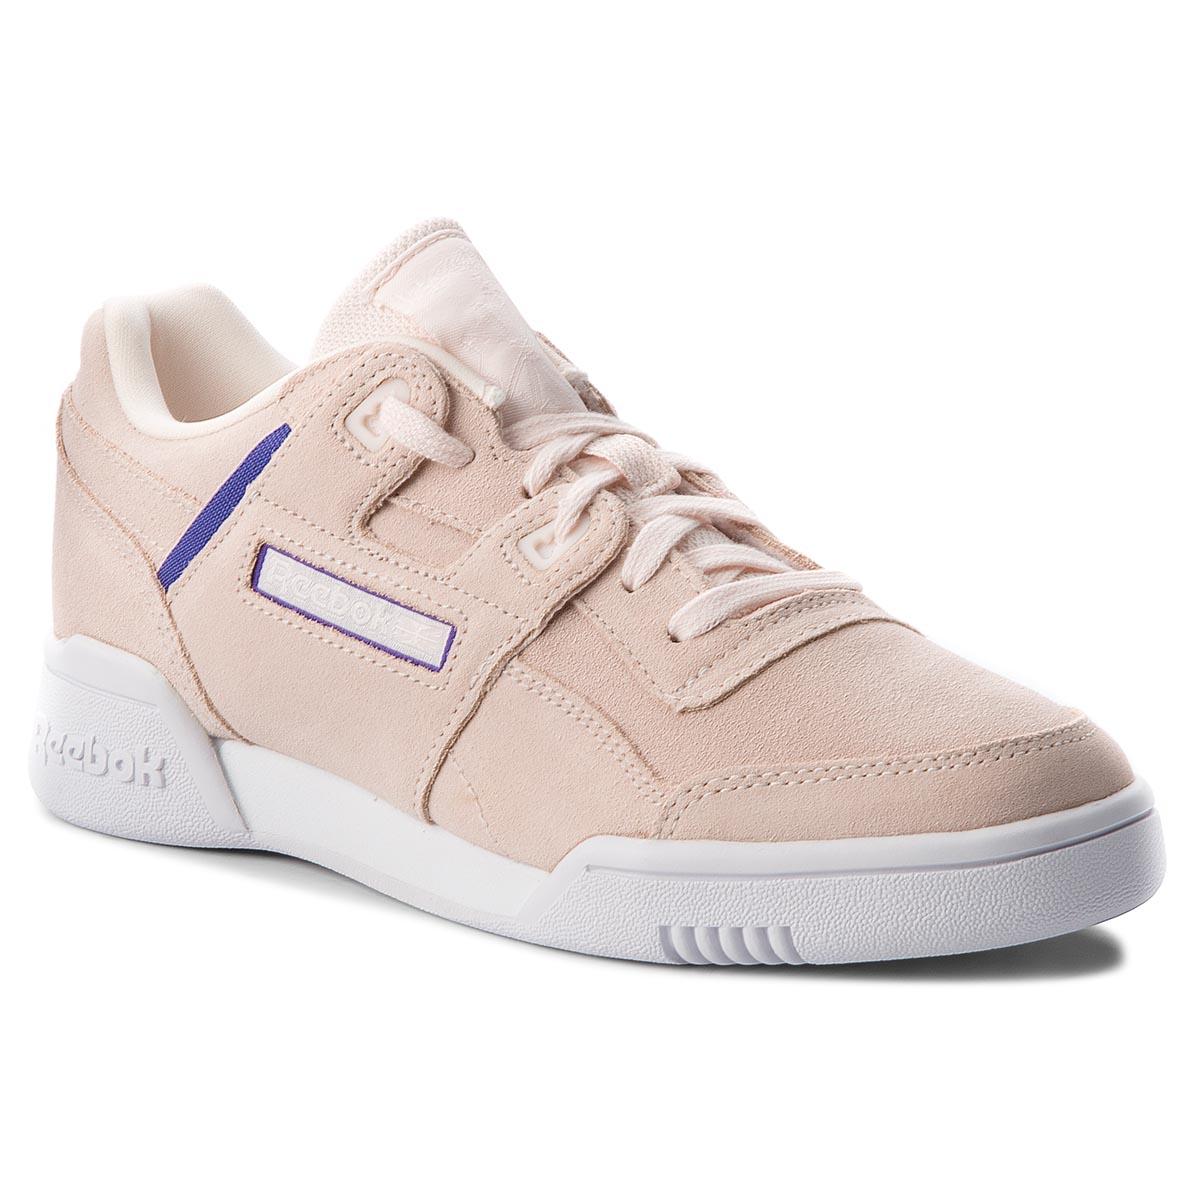 4b18f3408cb Boty Reebok - Workout Lo Plus CN5524 Pale Pink Purple White - Glami.cz